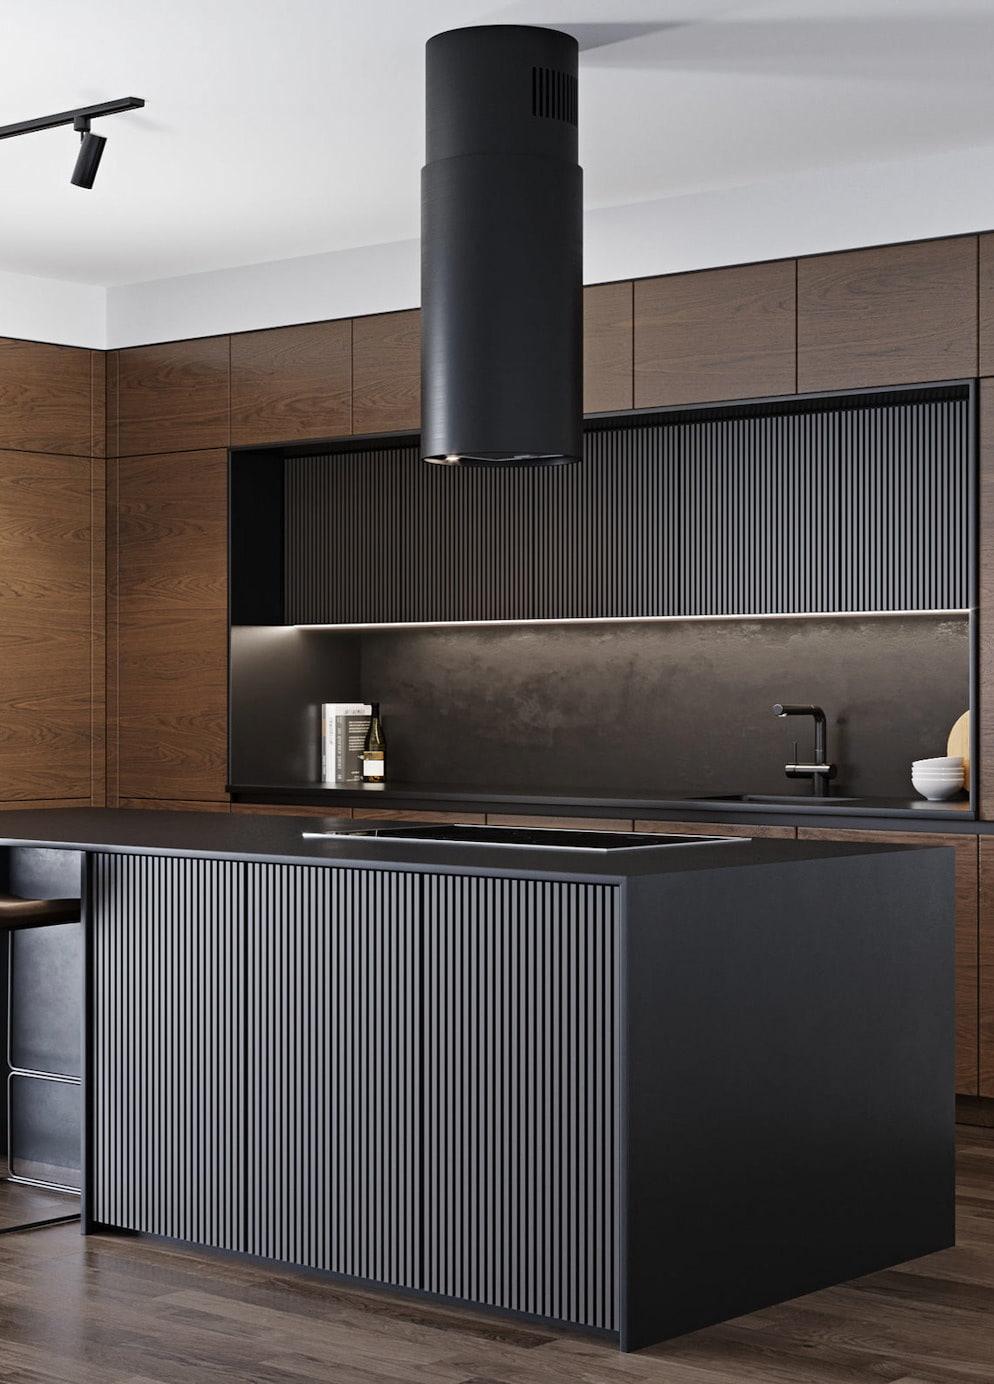 La hotte doit compléter et accentuer le style choisi pour l'espace cuisine.